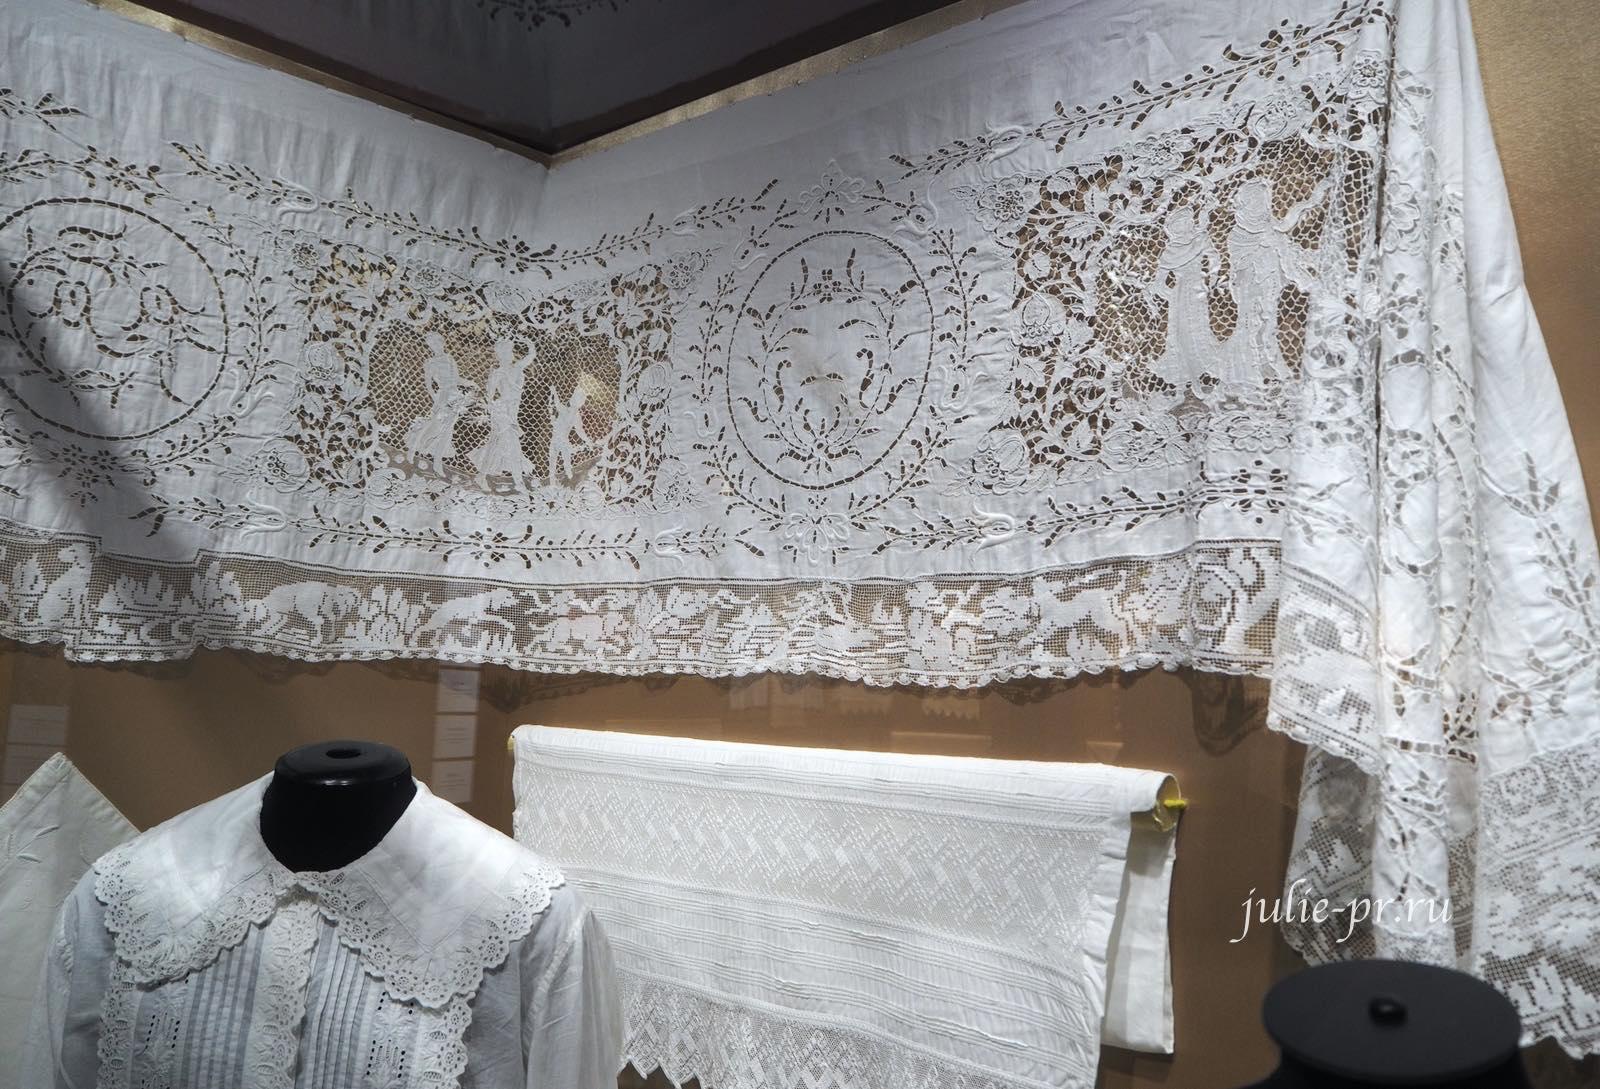 Свадебный постельный комплект, подзор (Москва, конец XIX века), Батист, игольное кружево; вышивка белой английской гладью, строчевая по филейной сетке